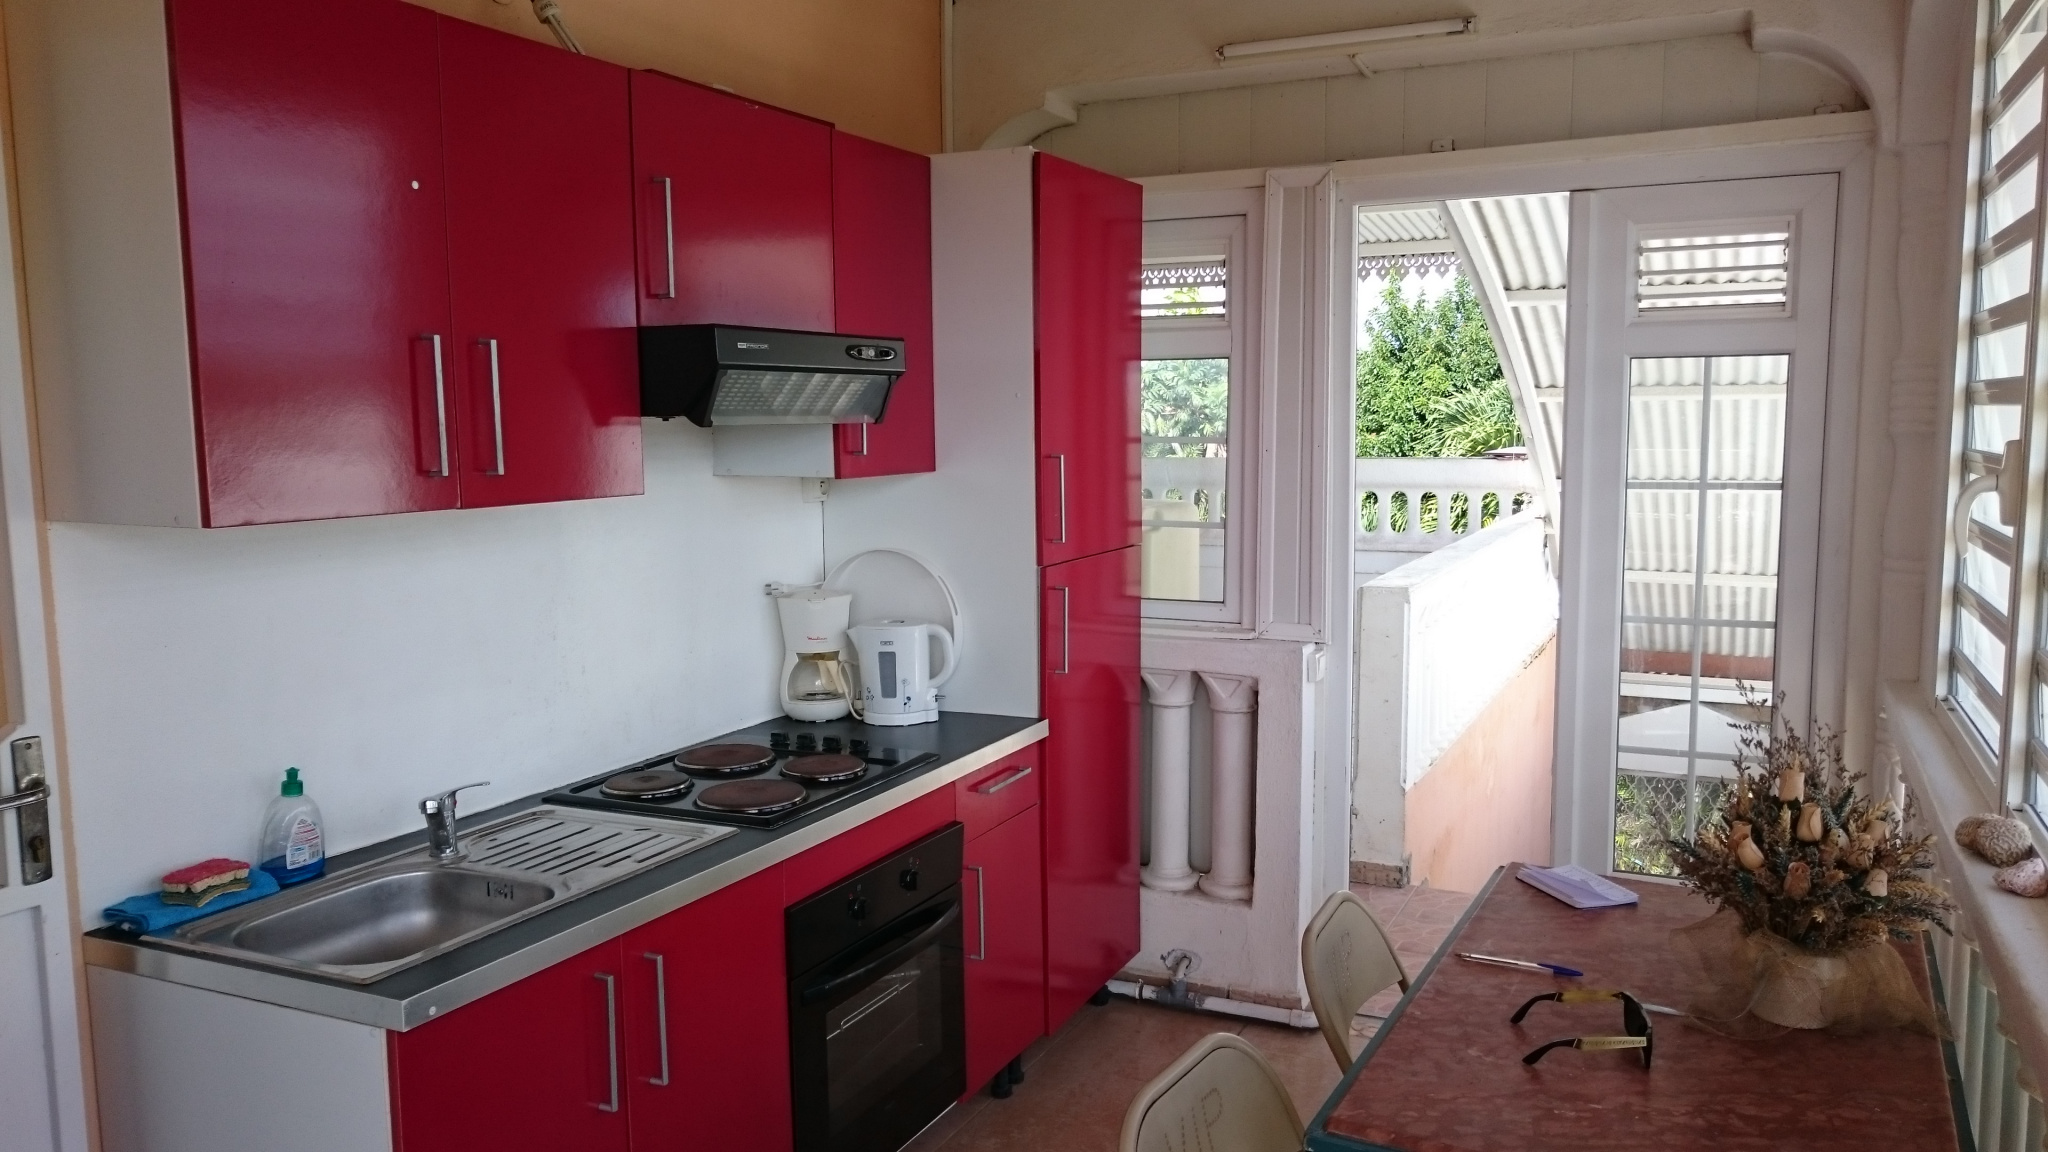 Location de vacances Appartement Gosier 97190